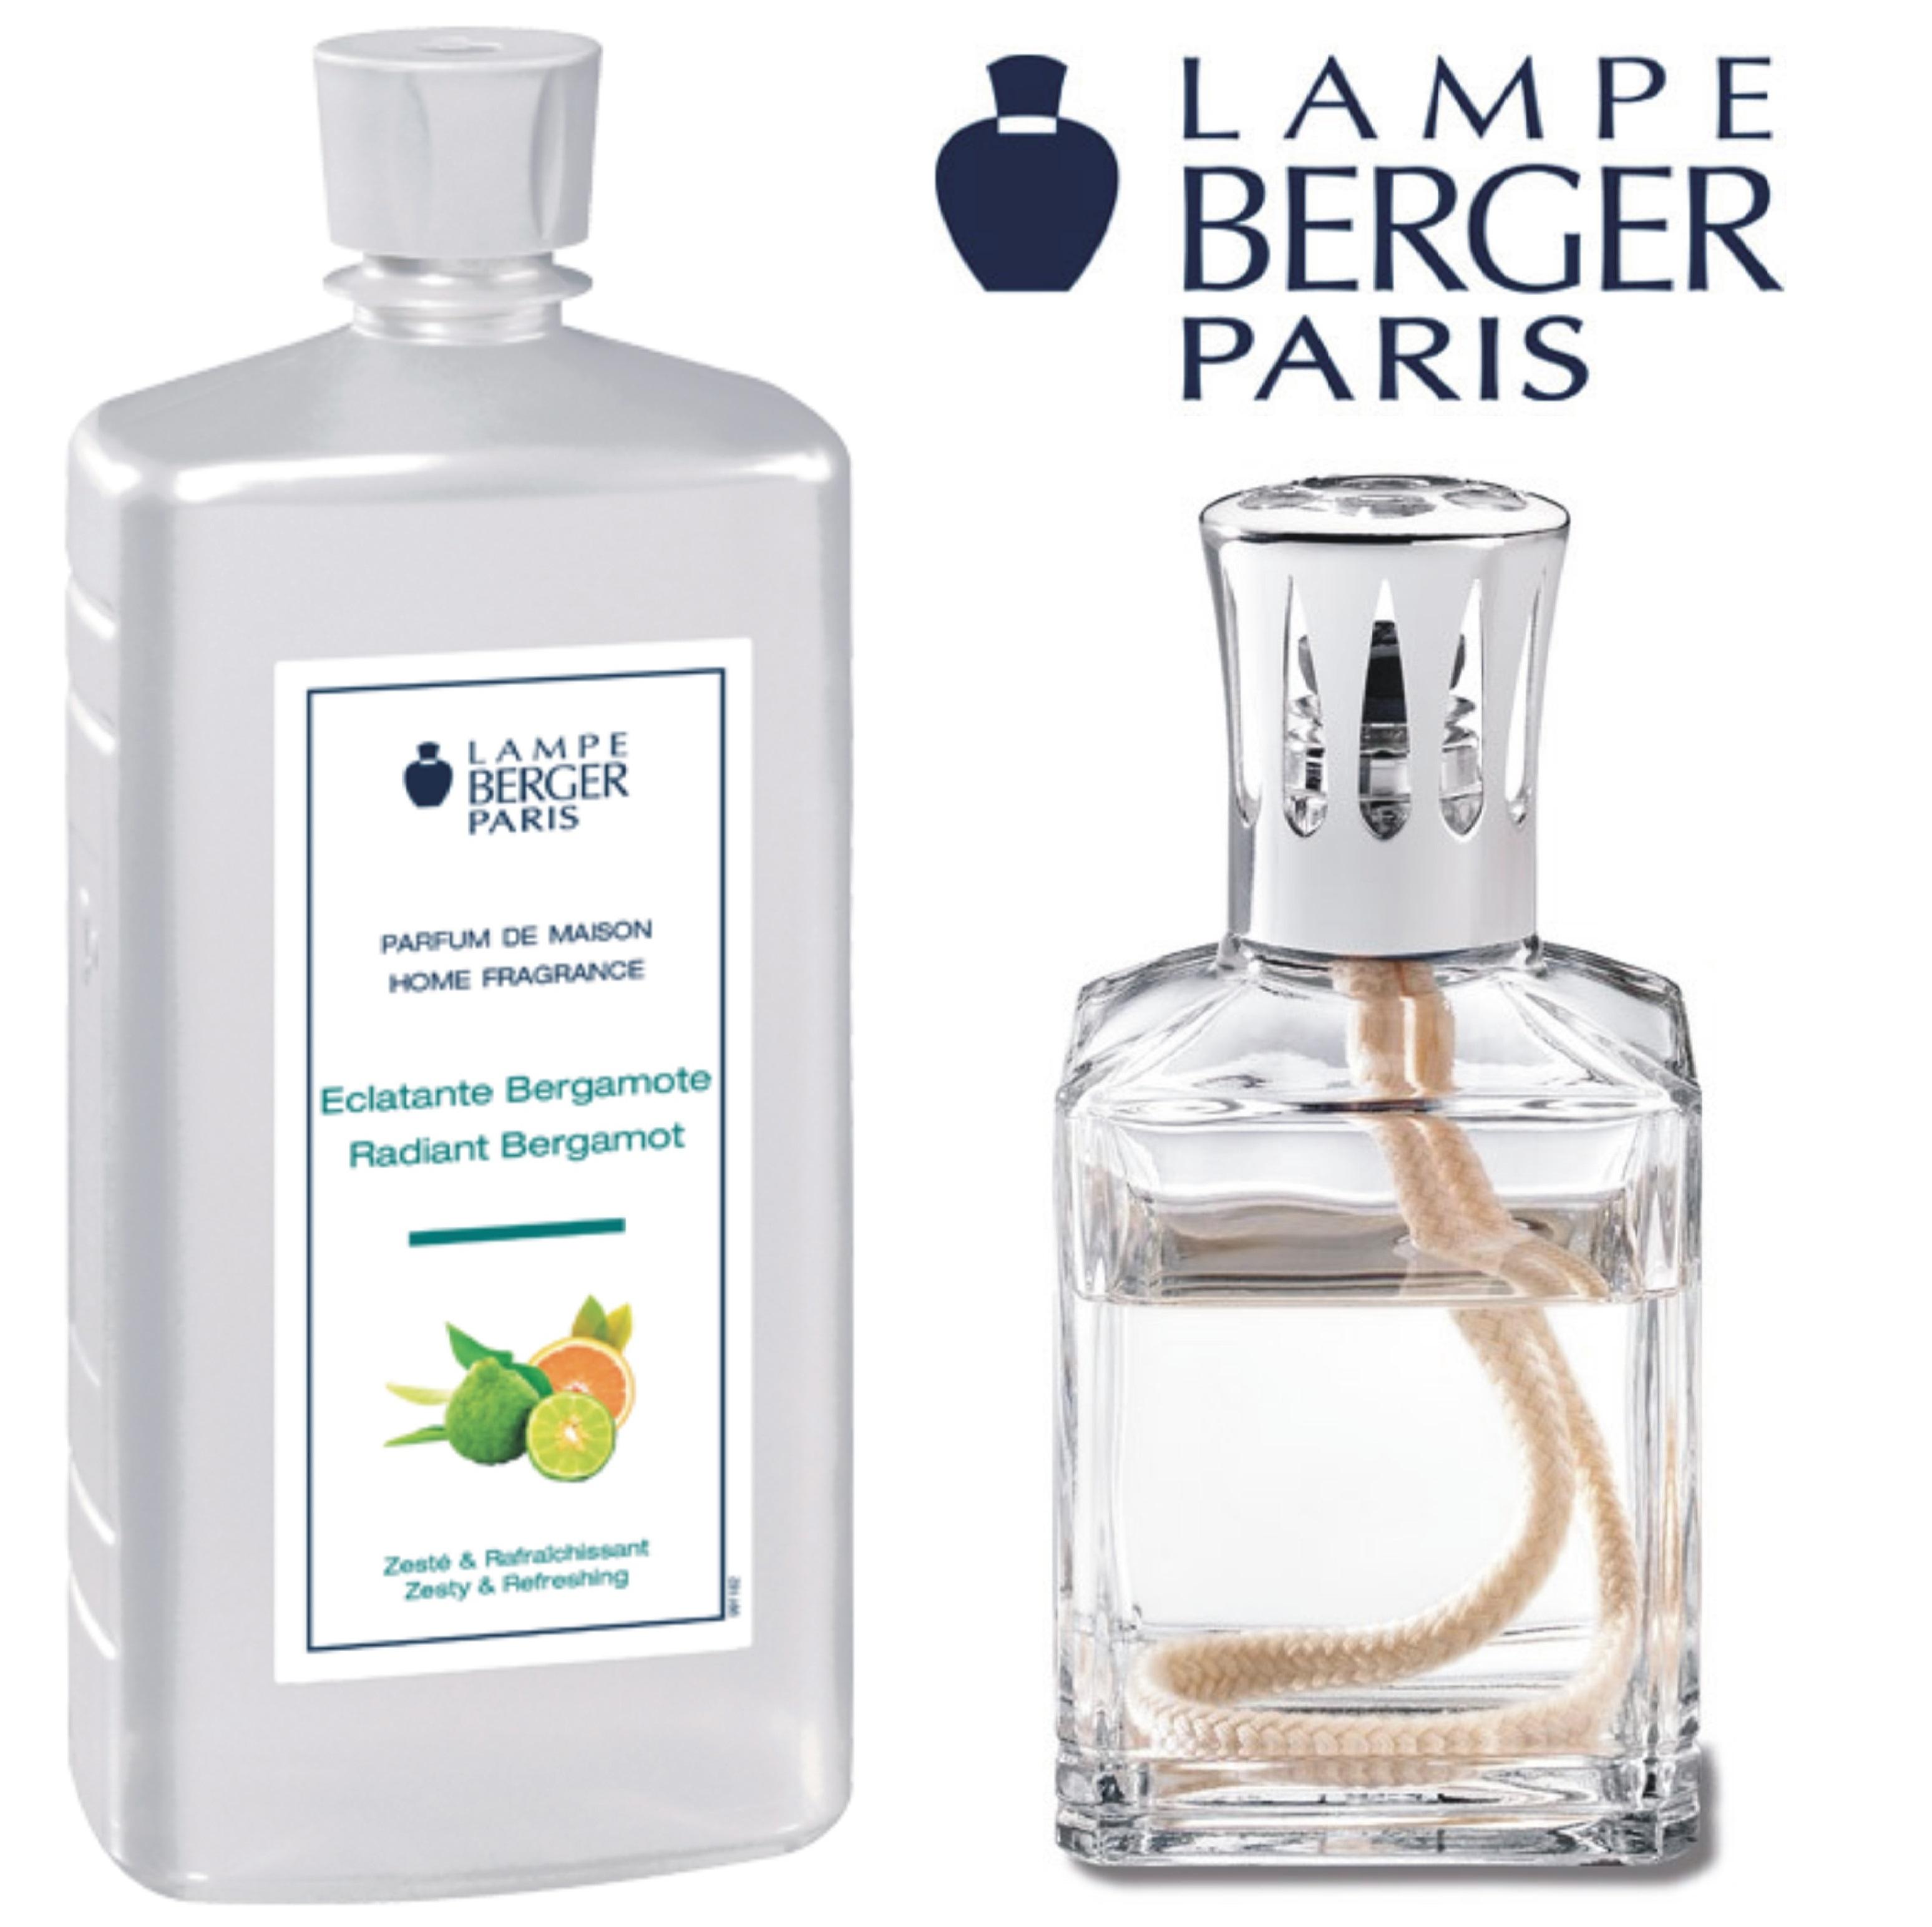 Maison Berger - Katalytisches Luftreinigiungssystem, Essenzen, Düfte, Duftkerzen, Bouquets